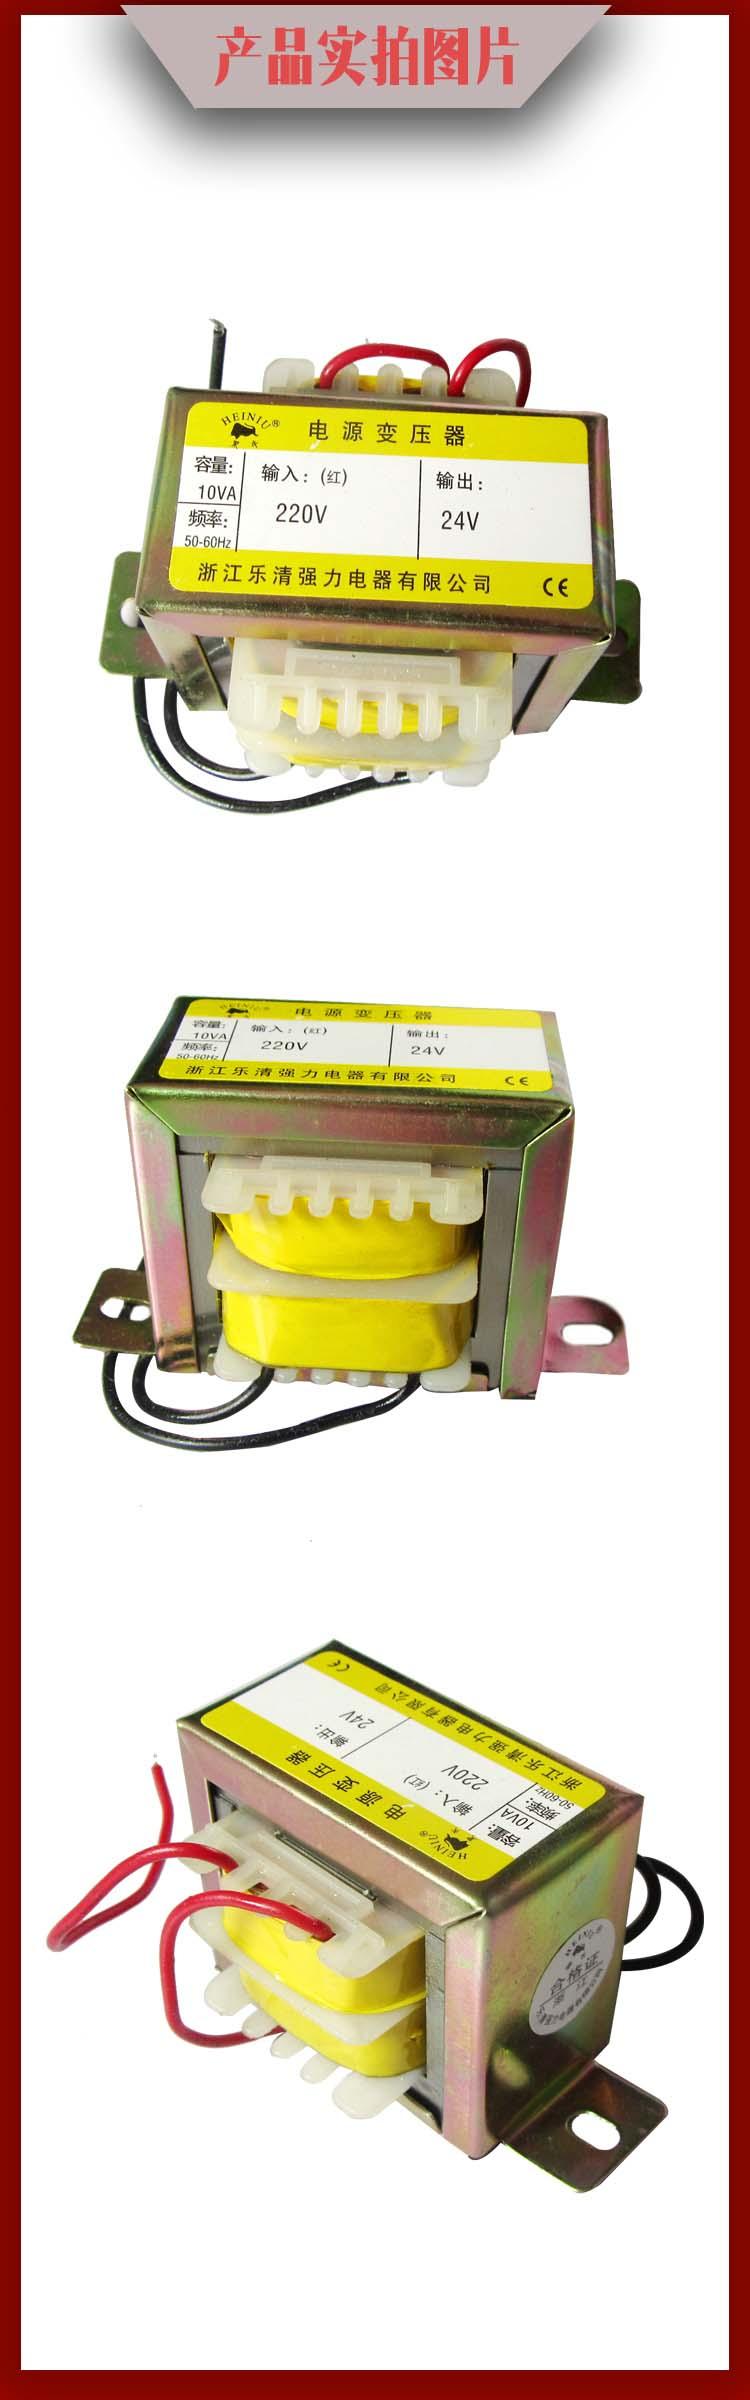 小型电源变压器-28